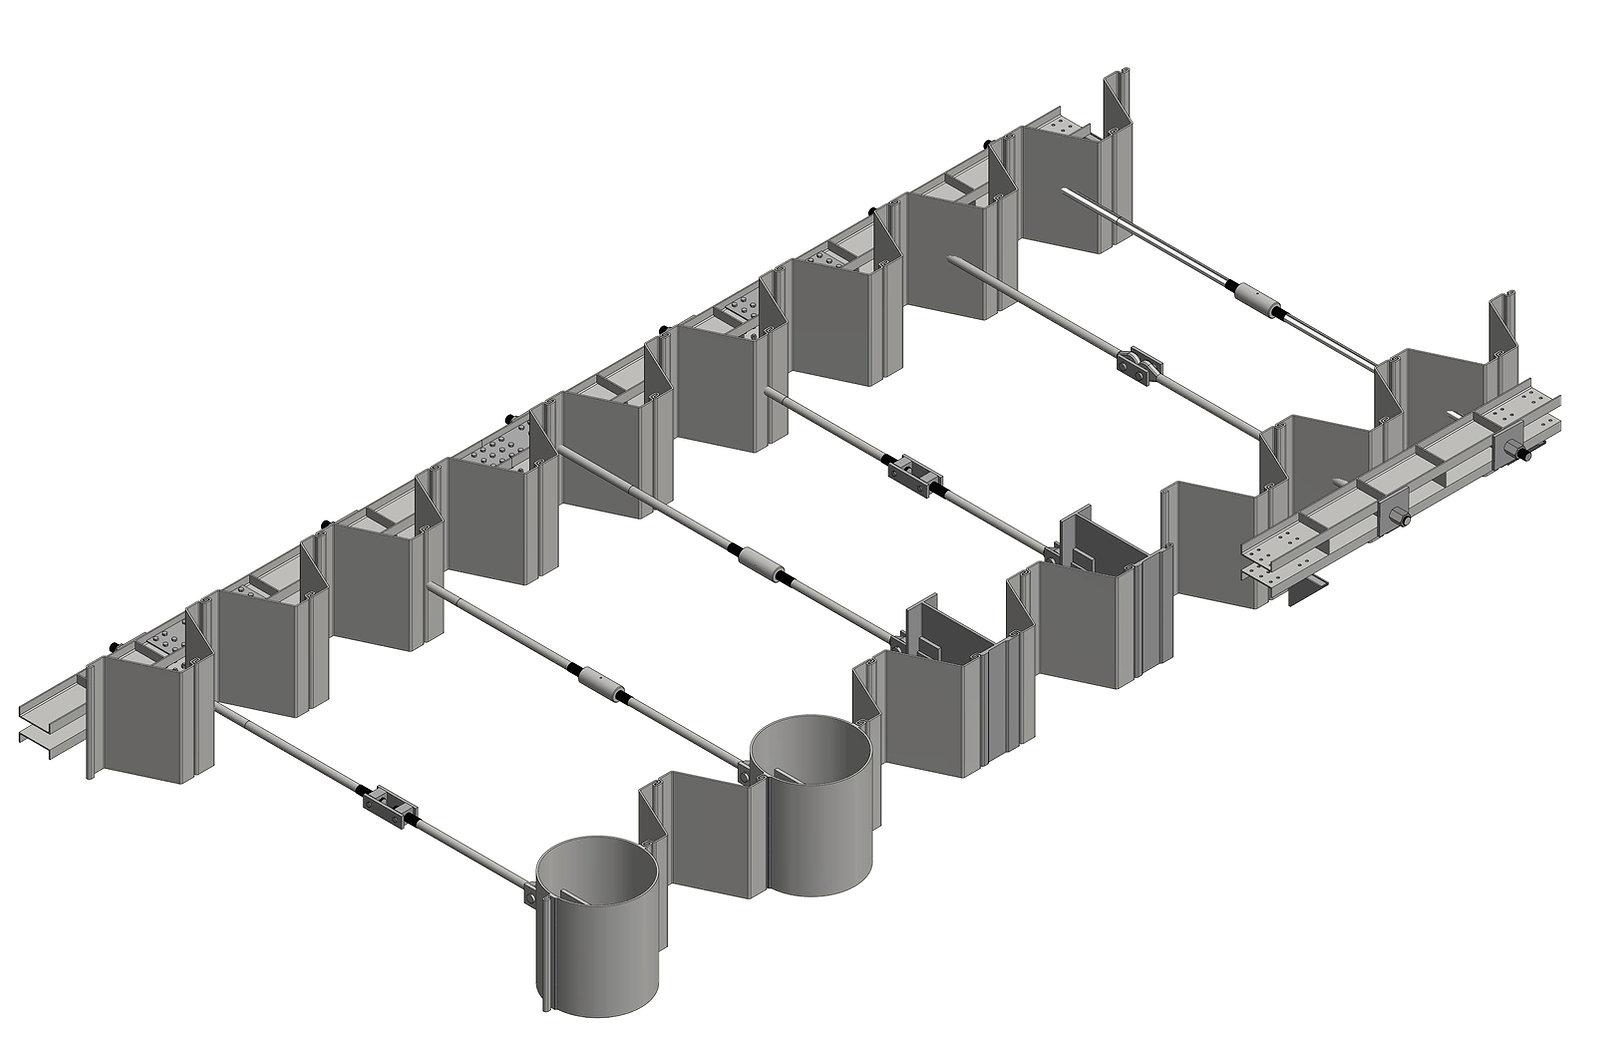 Componentes do sistema de tirantes